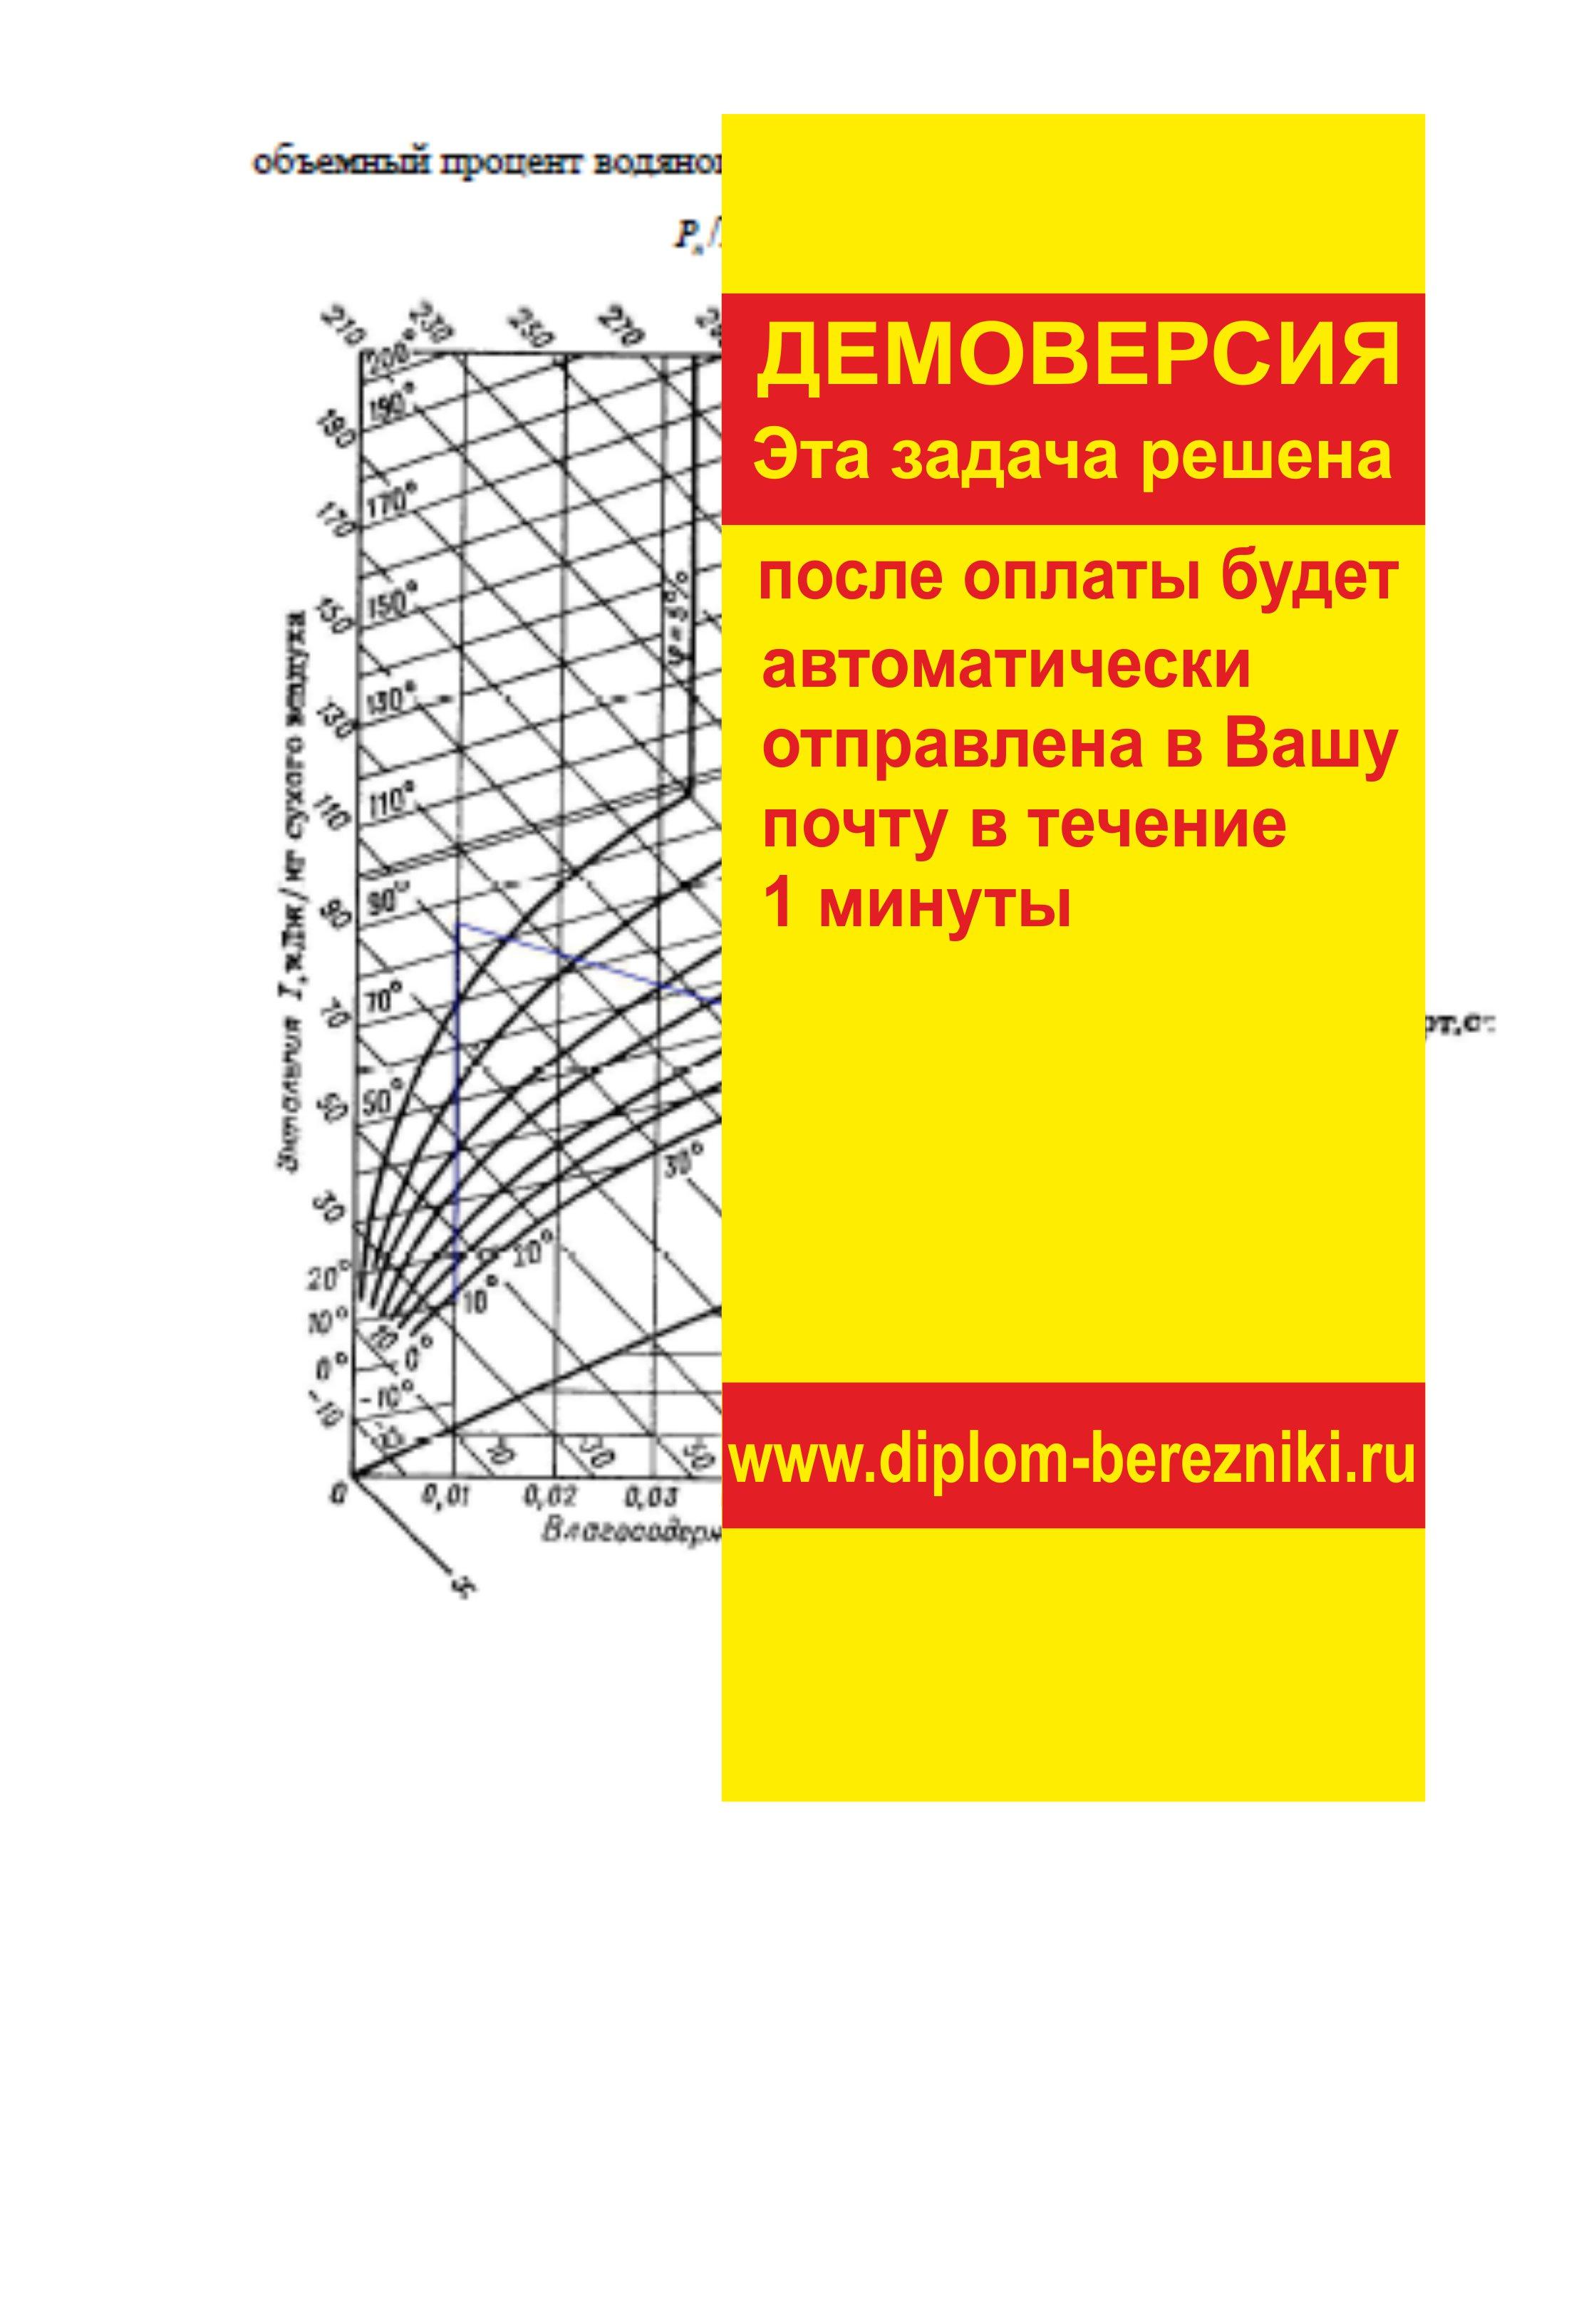 Решение задачи 10.17 по ПАХТ из задачника Павлова Романкова Носкова